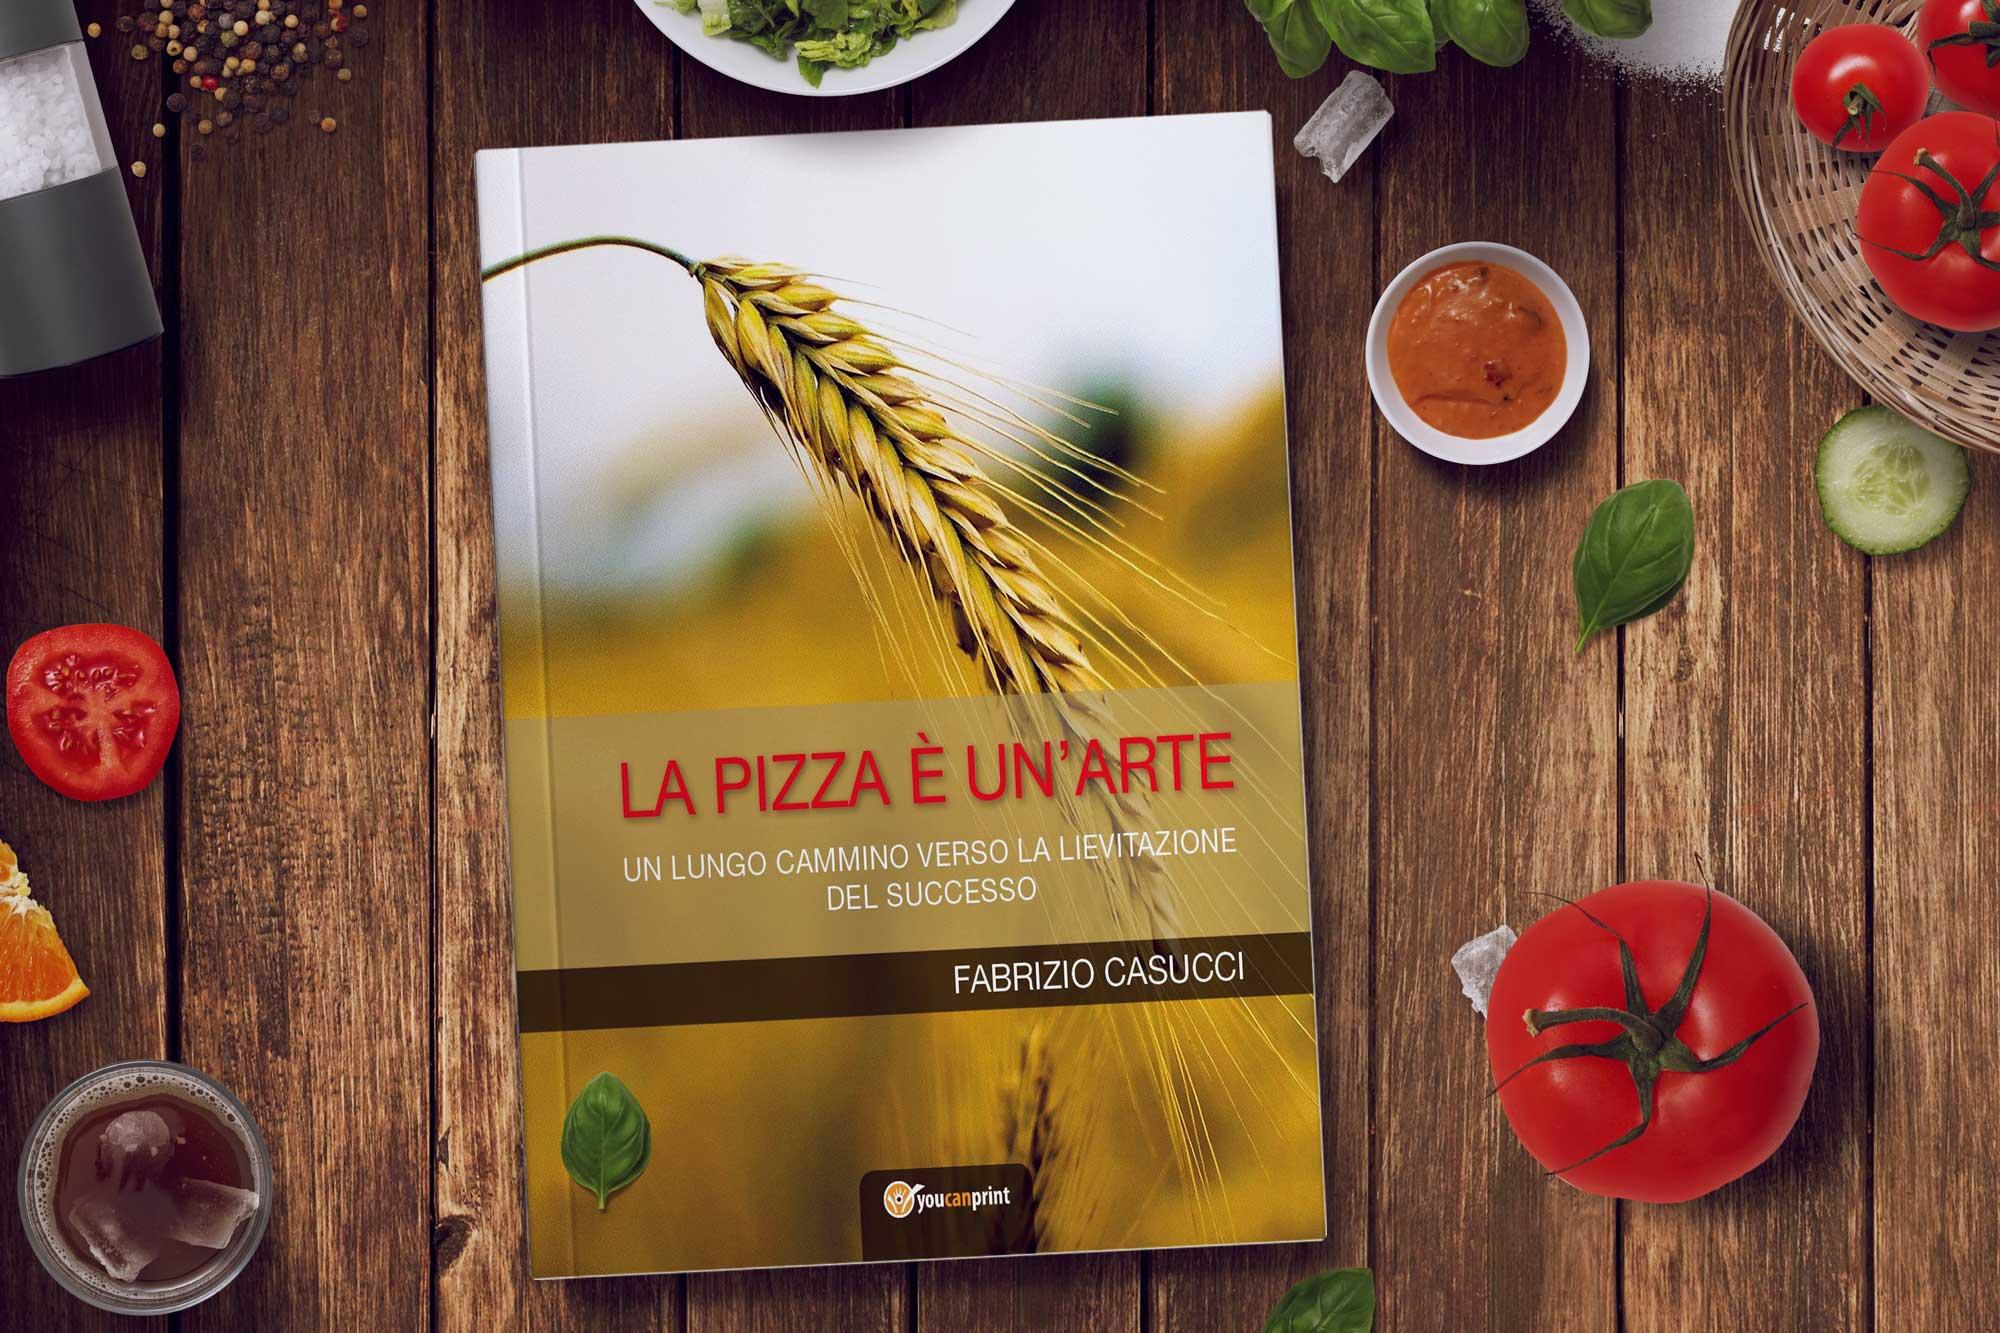 la-pizza-è-un'arte-libro-sulla-pizza